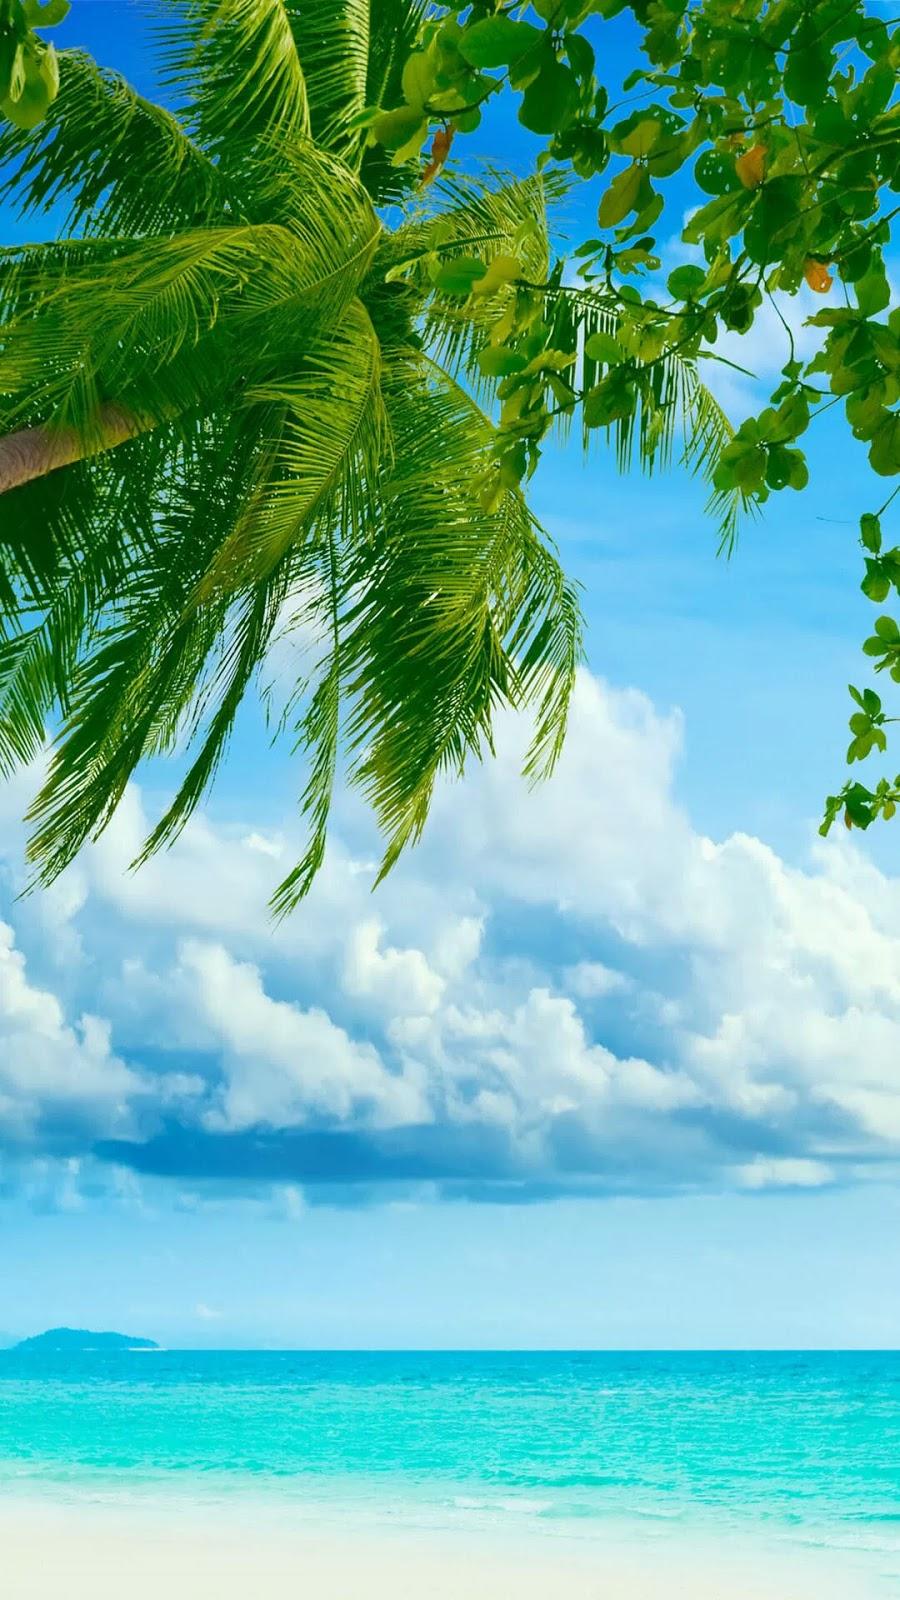 Wallpaper Android Pohon Kelapa Di Pulau Tropis